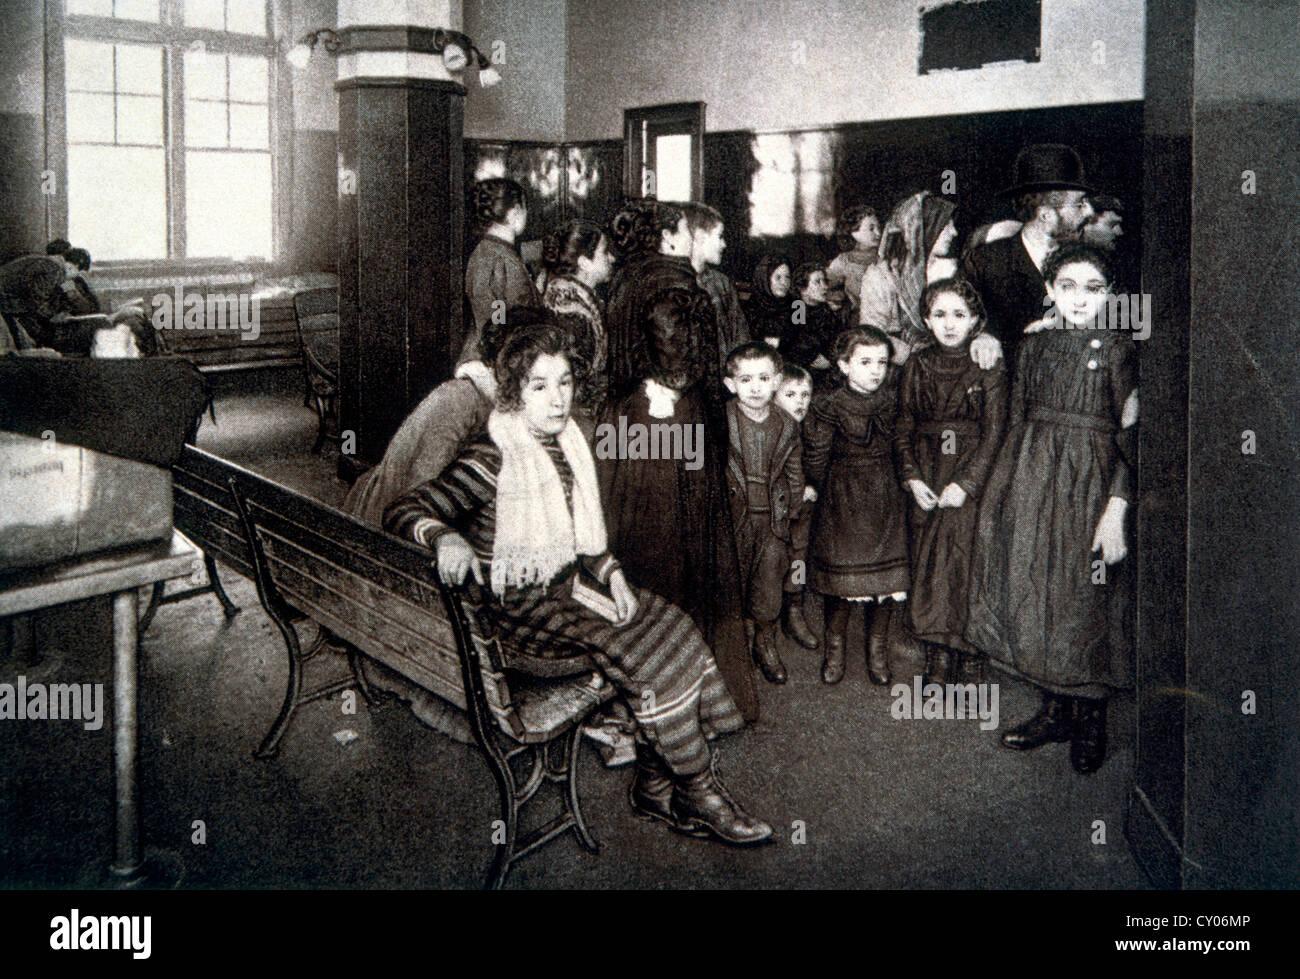 Groupe d'émigrants en attente dans le stylo de détention après avoir passé leur examen d'entrée, Photo Stock